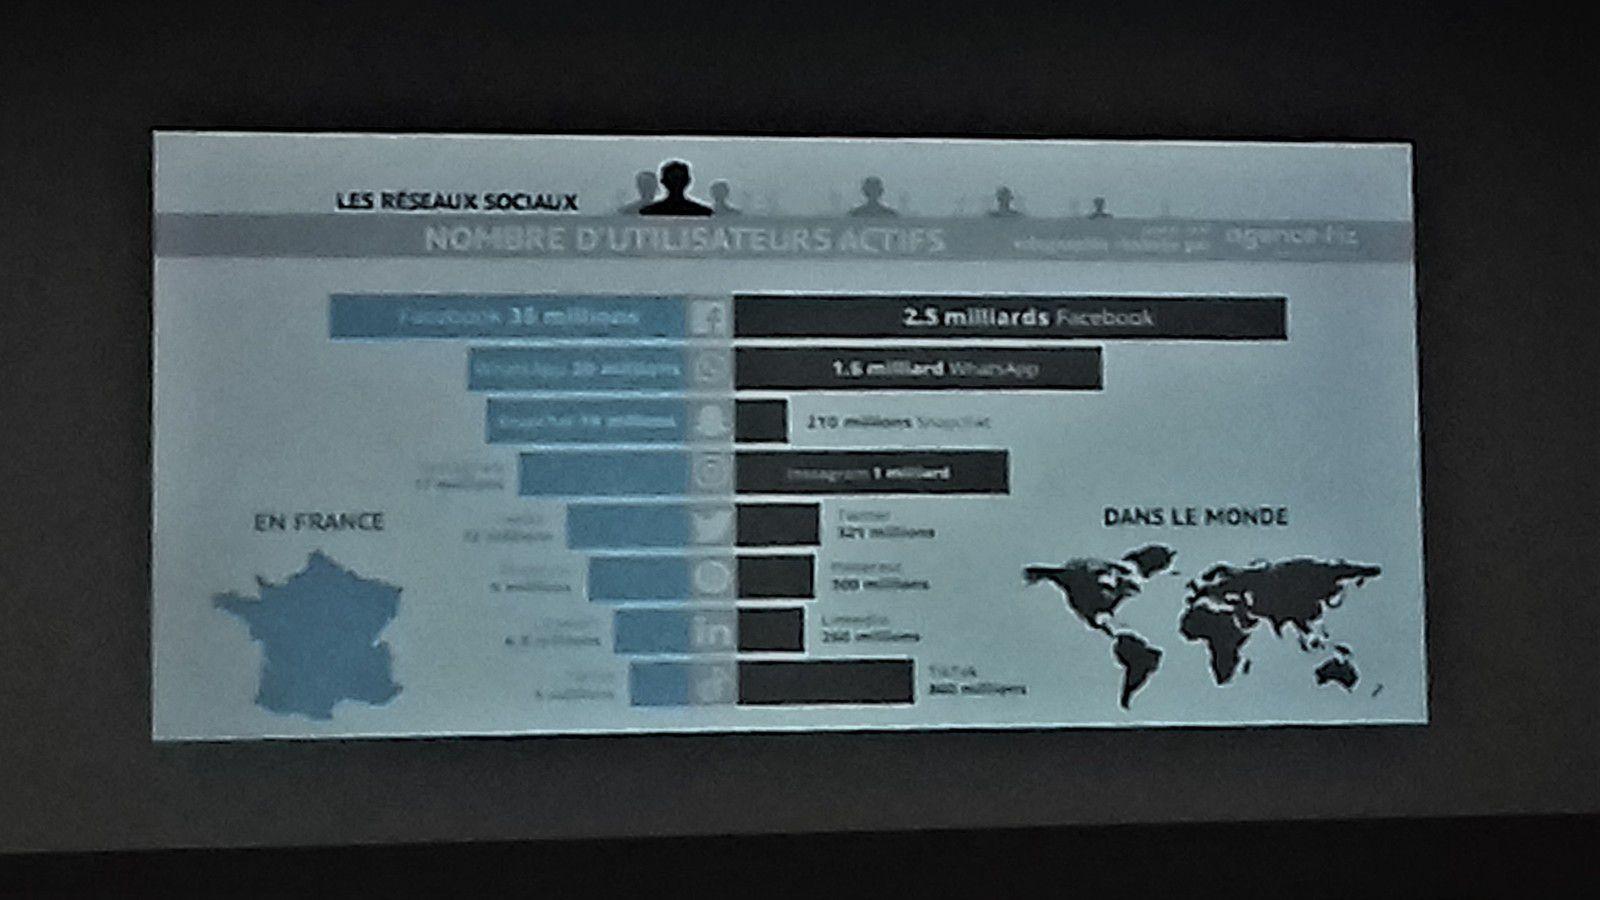 Les réseaux en chiffres entre la France et le monde.